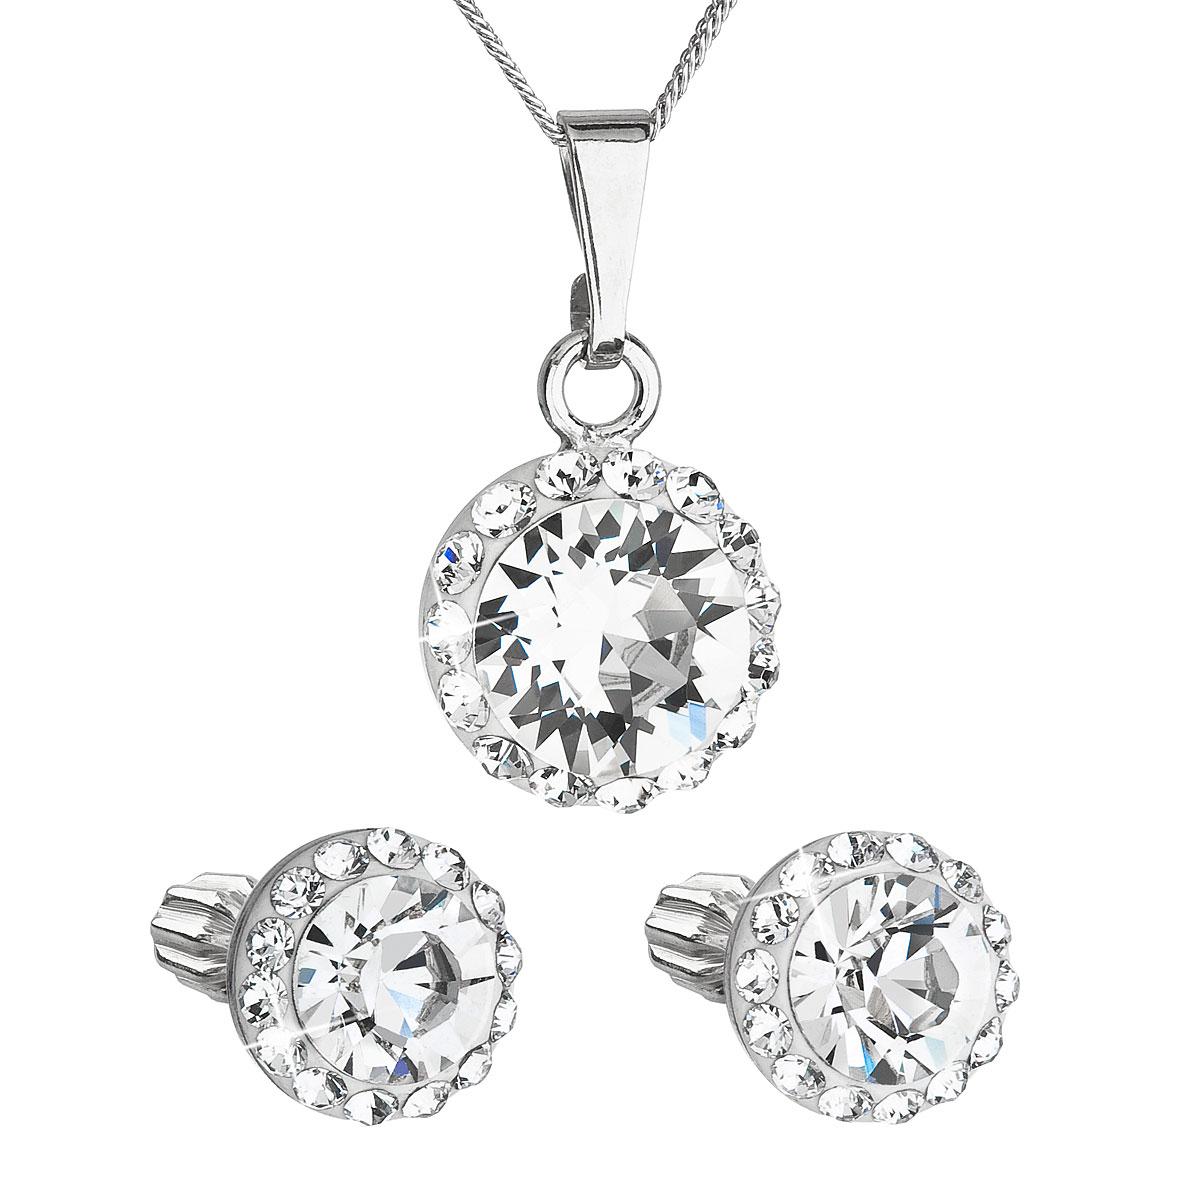 Sada šperkov s krištálmi Swarovski náušnice, retiazka a prívesok biele okrúhle 39352.1